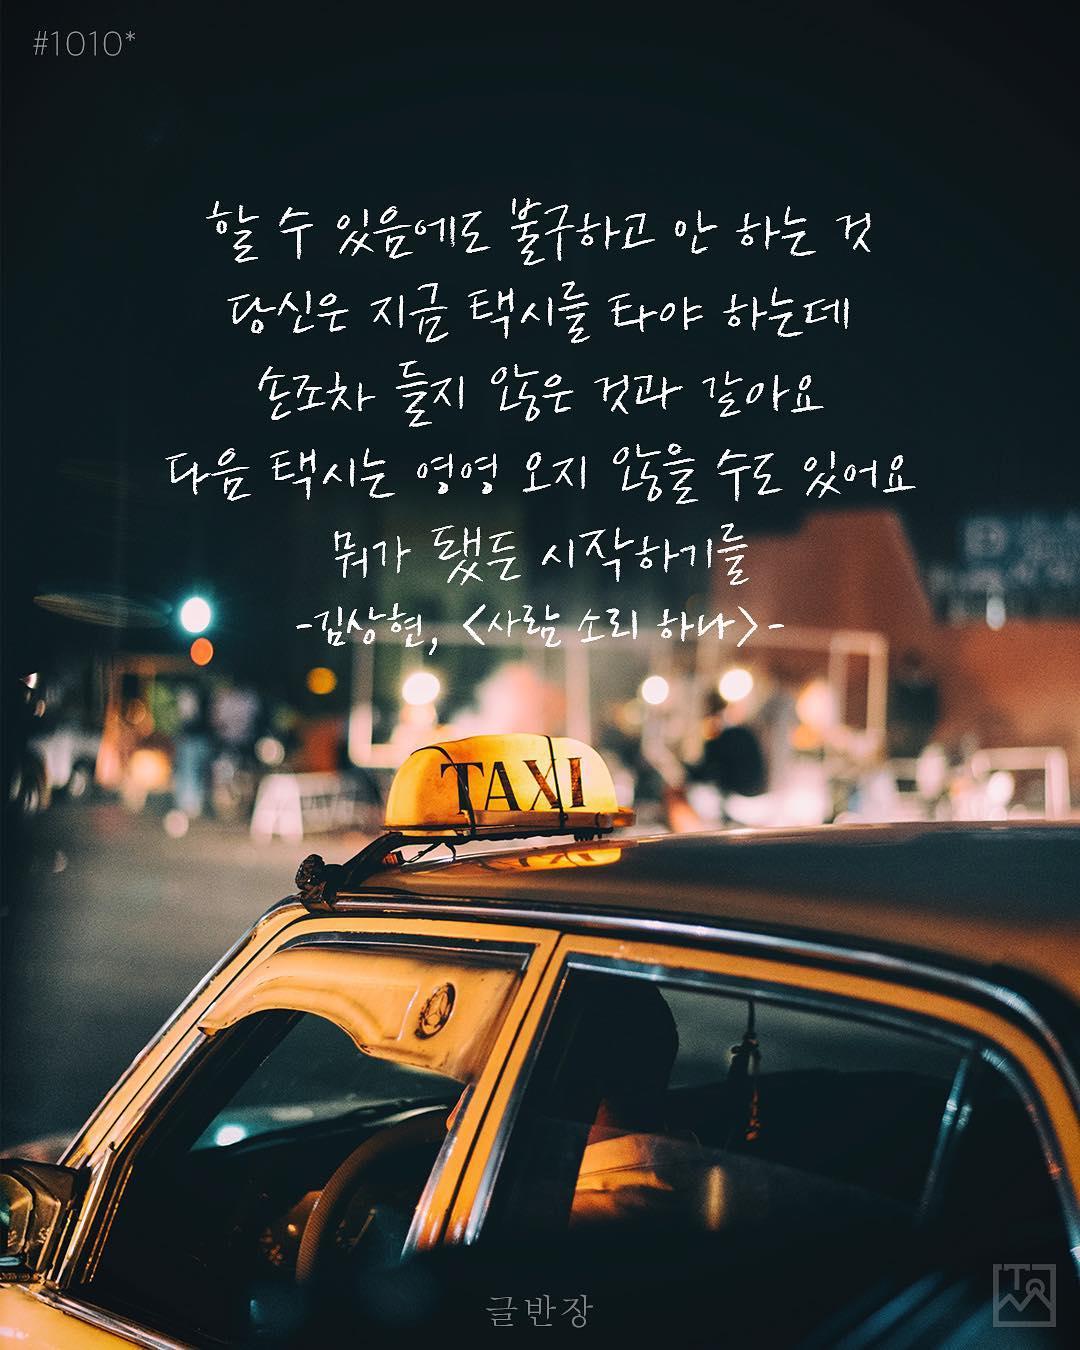 뭐가 됐든 시작하기를 - 김상현, <사람 소리 하나>